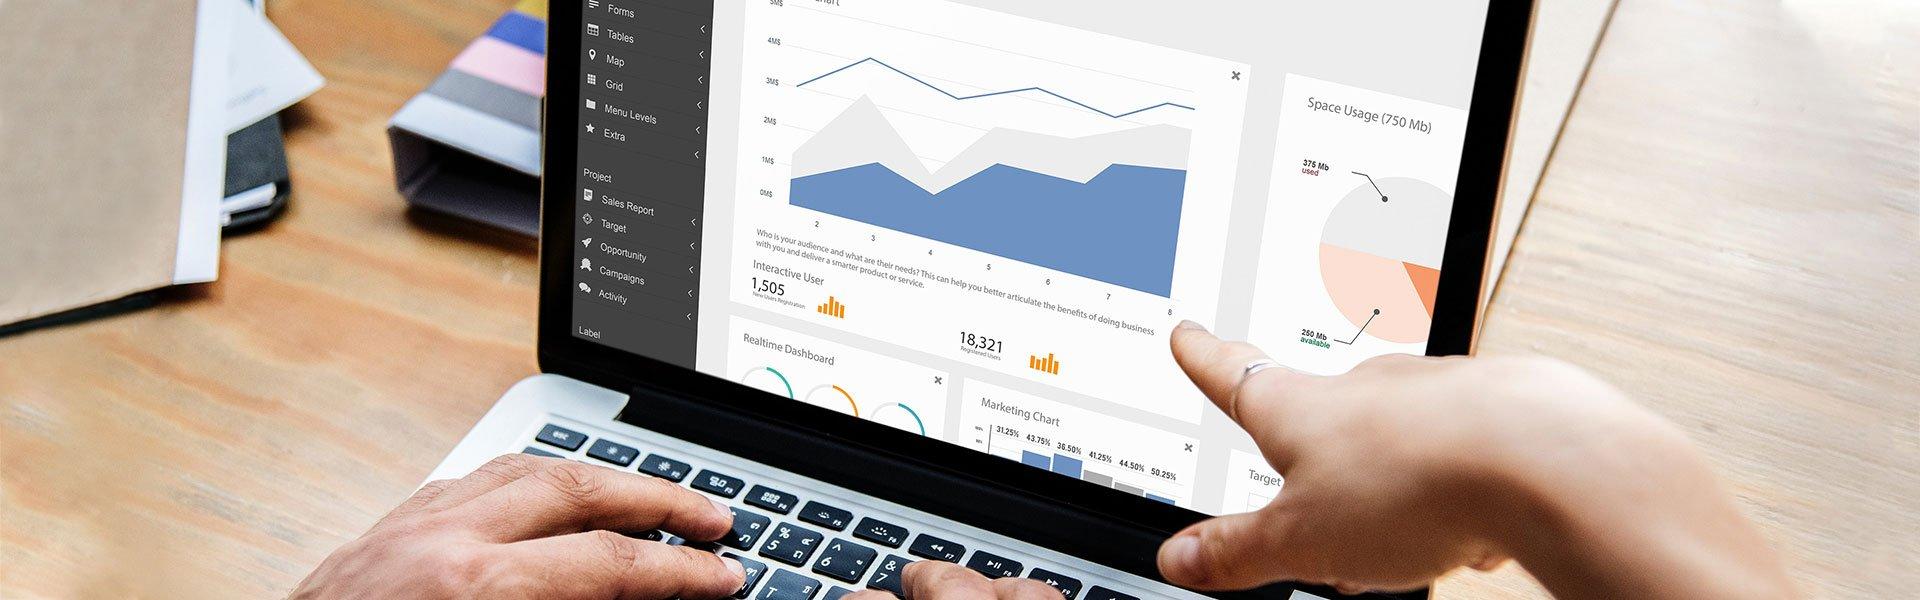 dashboard data visualization on a computer screen